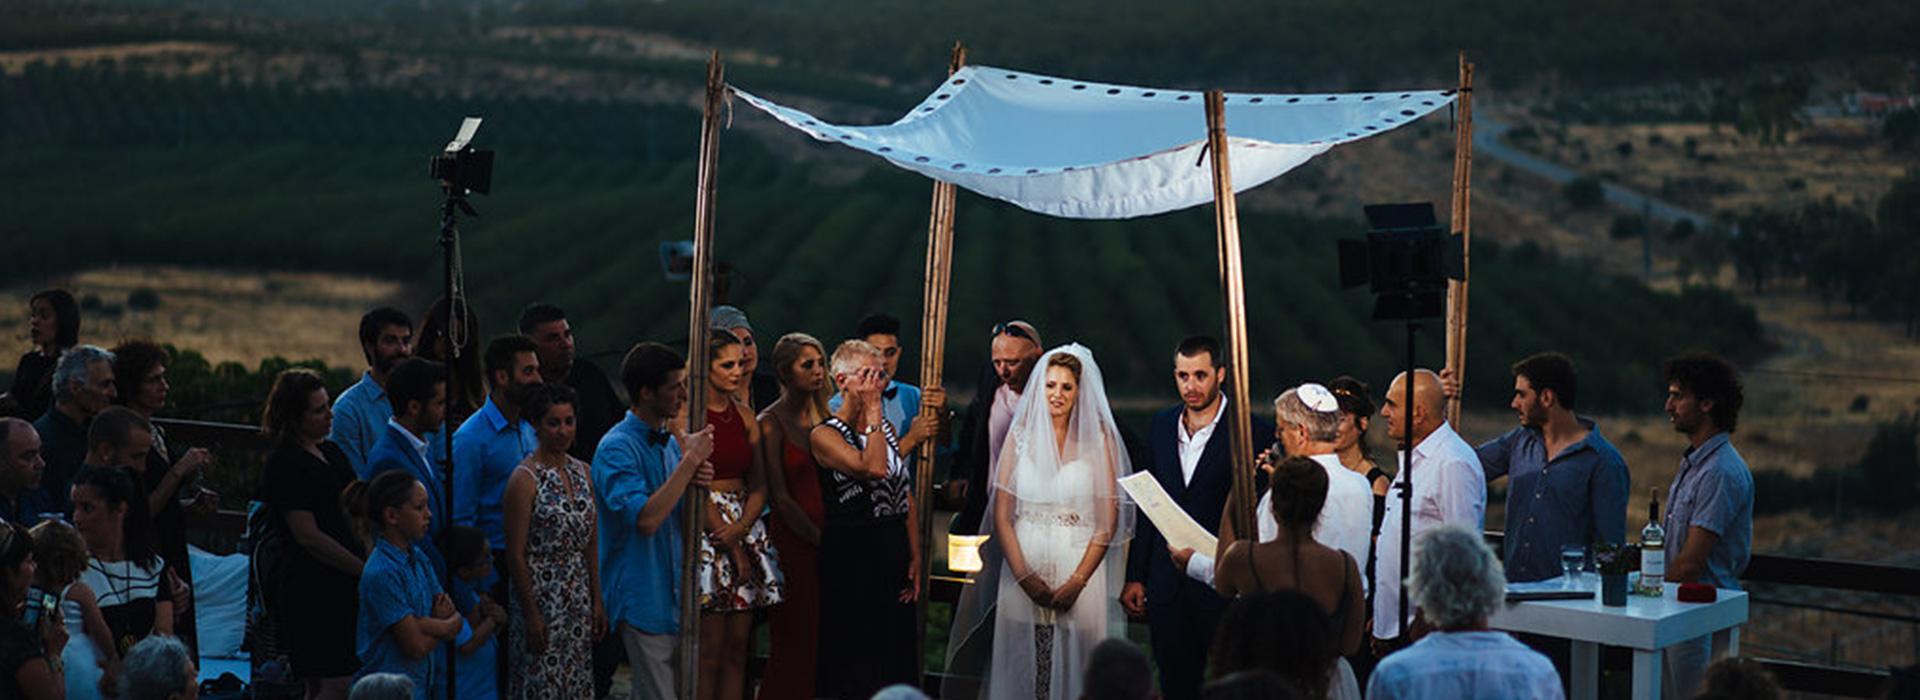 חתונה בחוות התבלינים בגלבוע